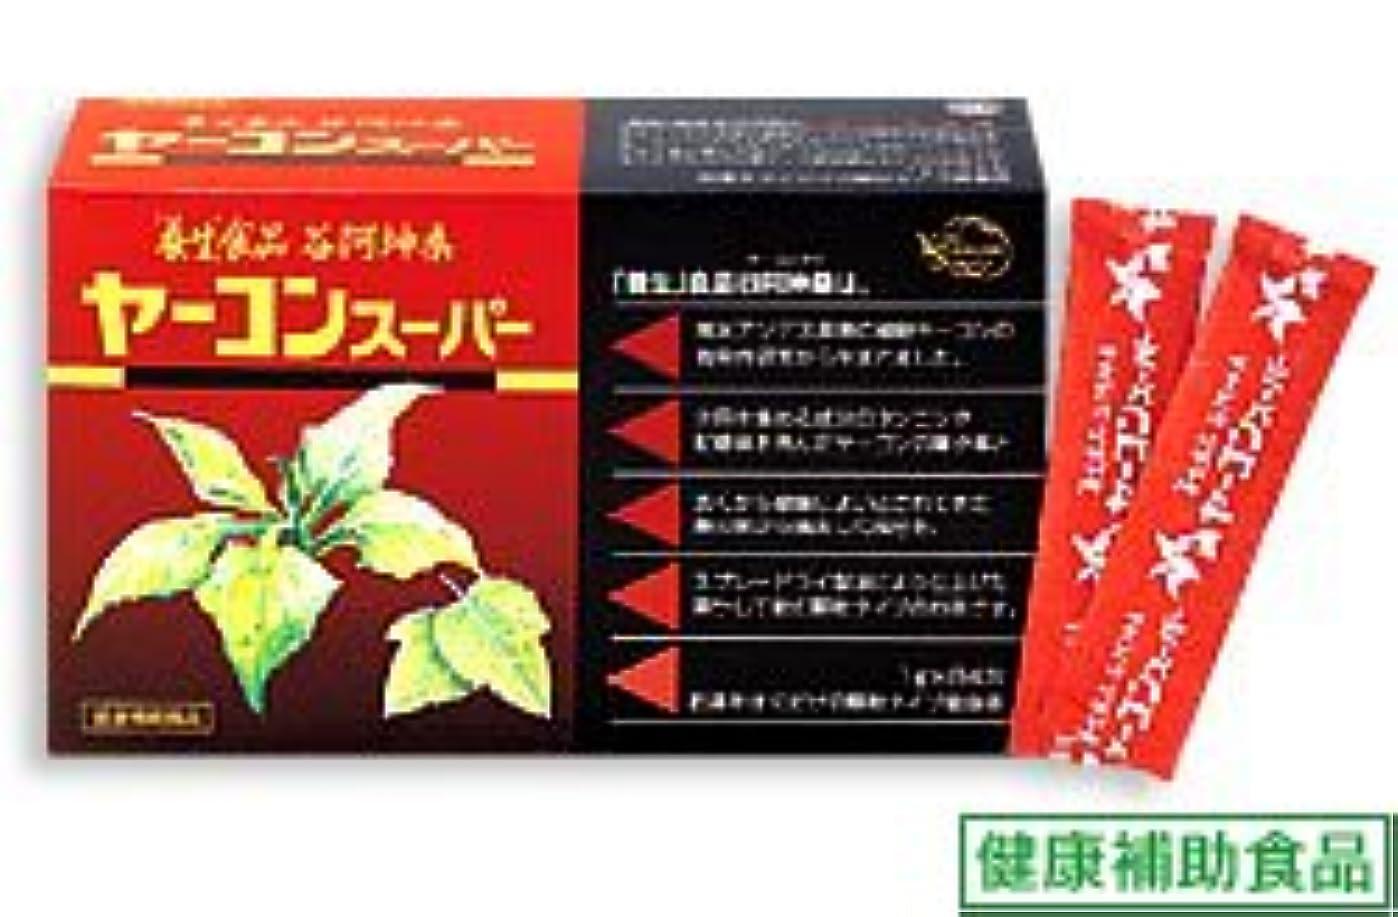 マット真面目な樫の木〔全薬工業〕養生食品 ヤーコンスーパー(84包)×3個セット